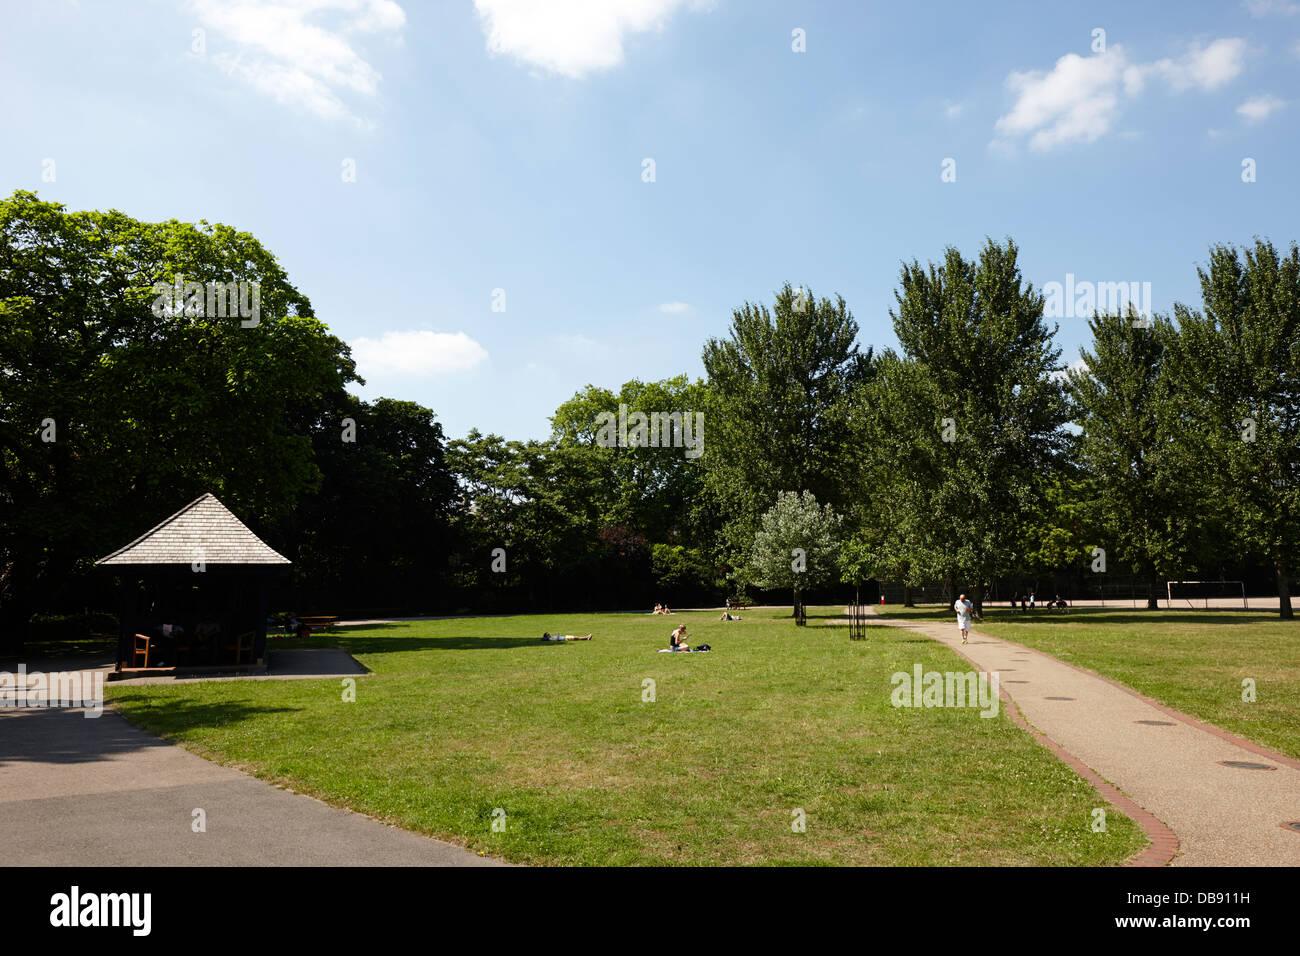 archbishops park lambeth London England UK - Stock Image